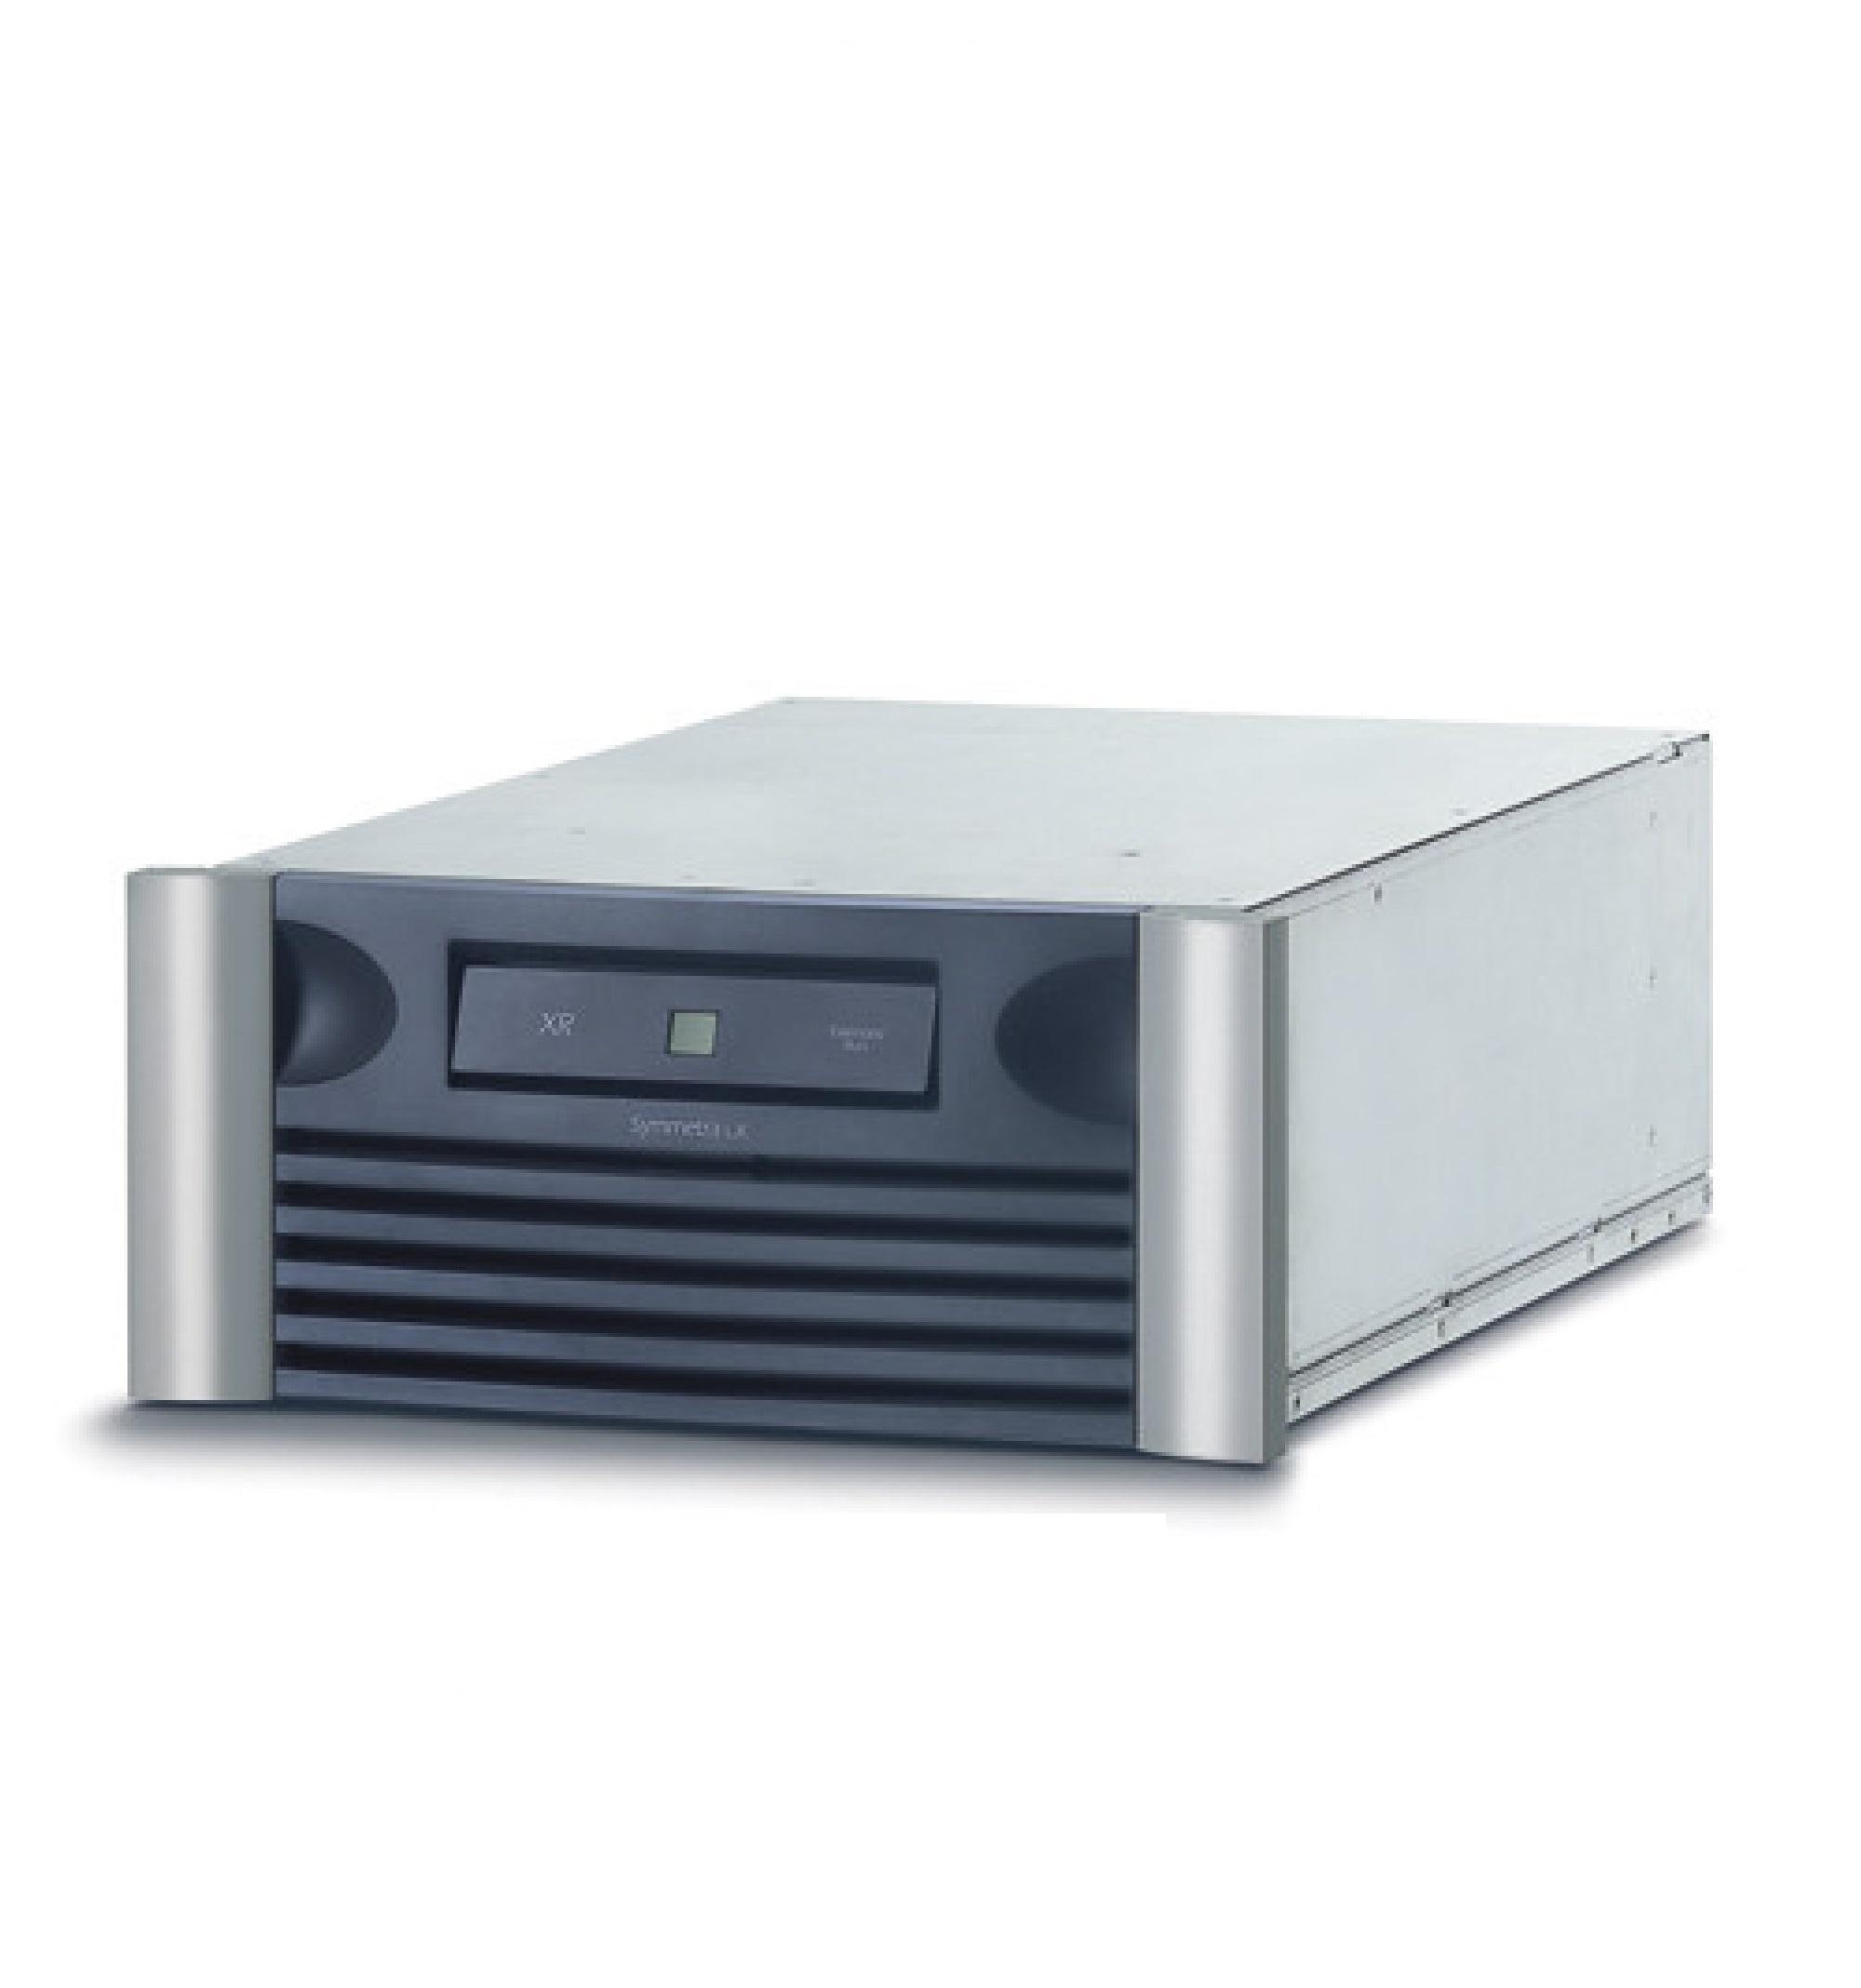 Nobreak Symmetra LX da APC com extensão de autonomia para rack com 3 módulos de baterias SYBT5, 208 V